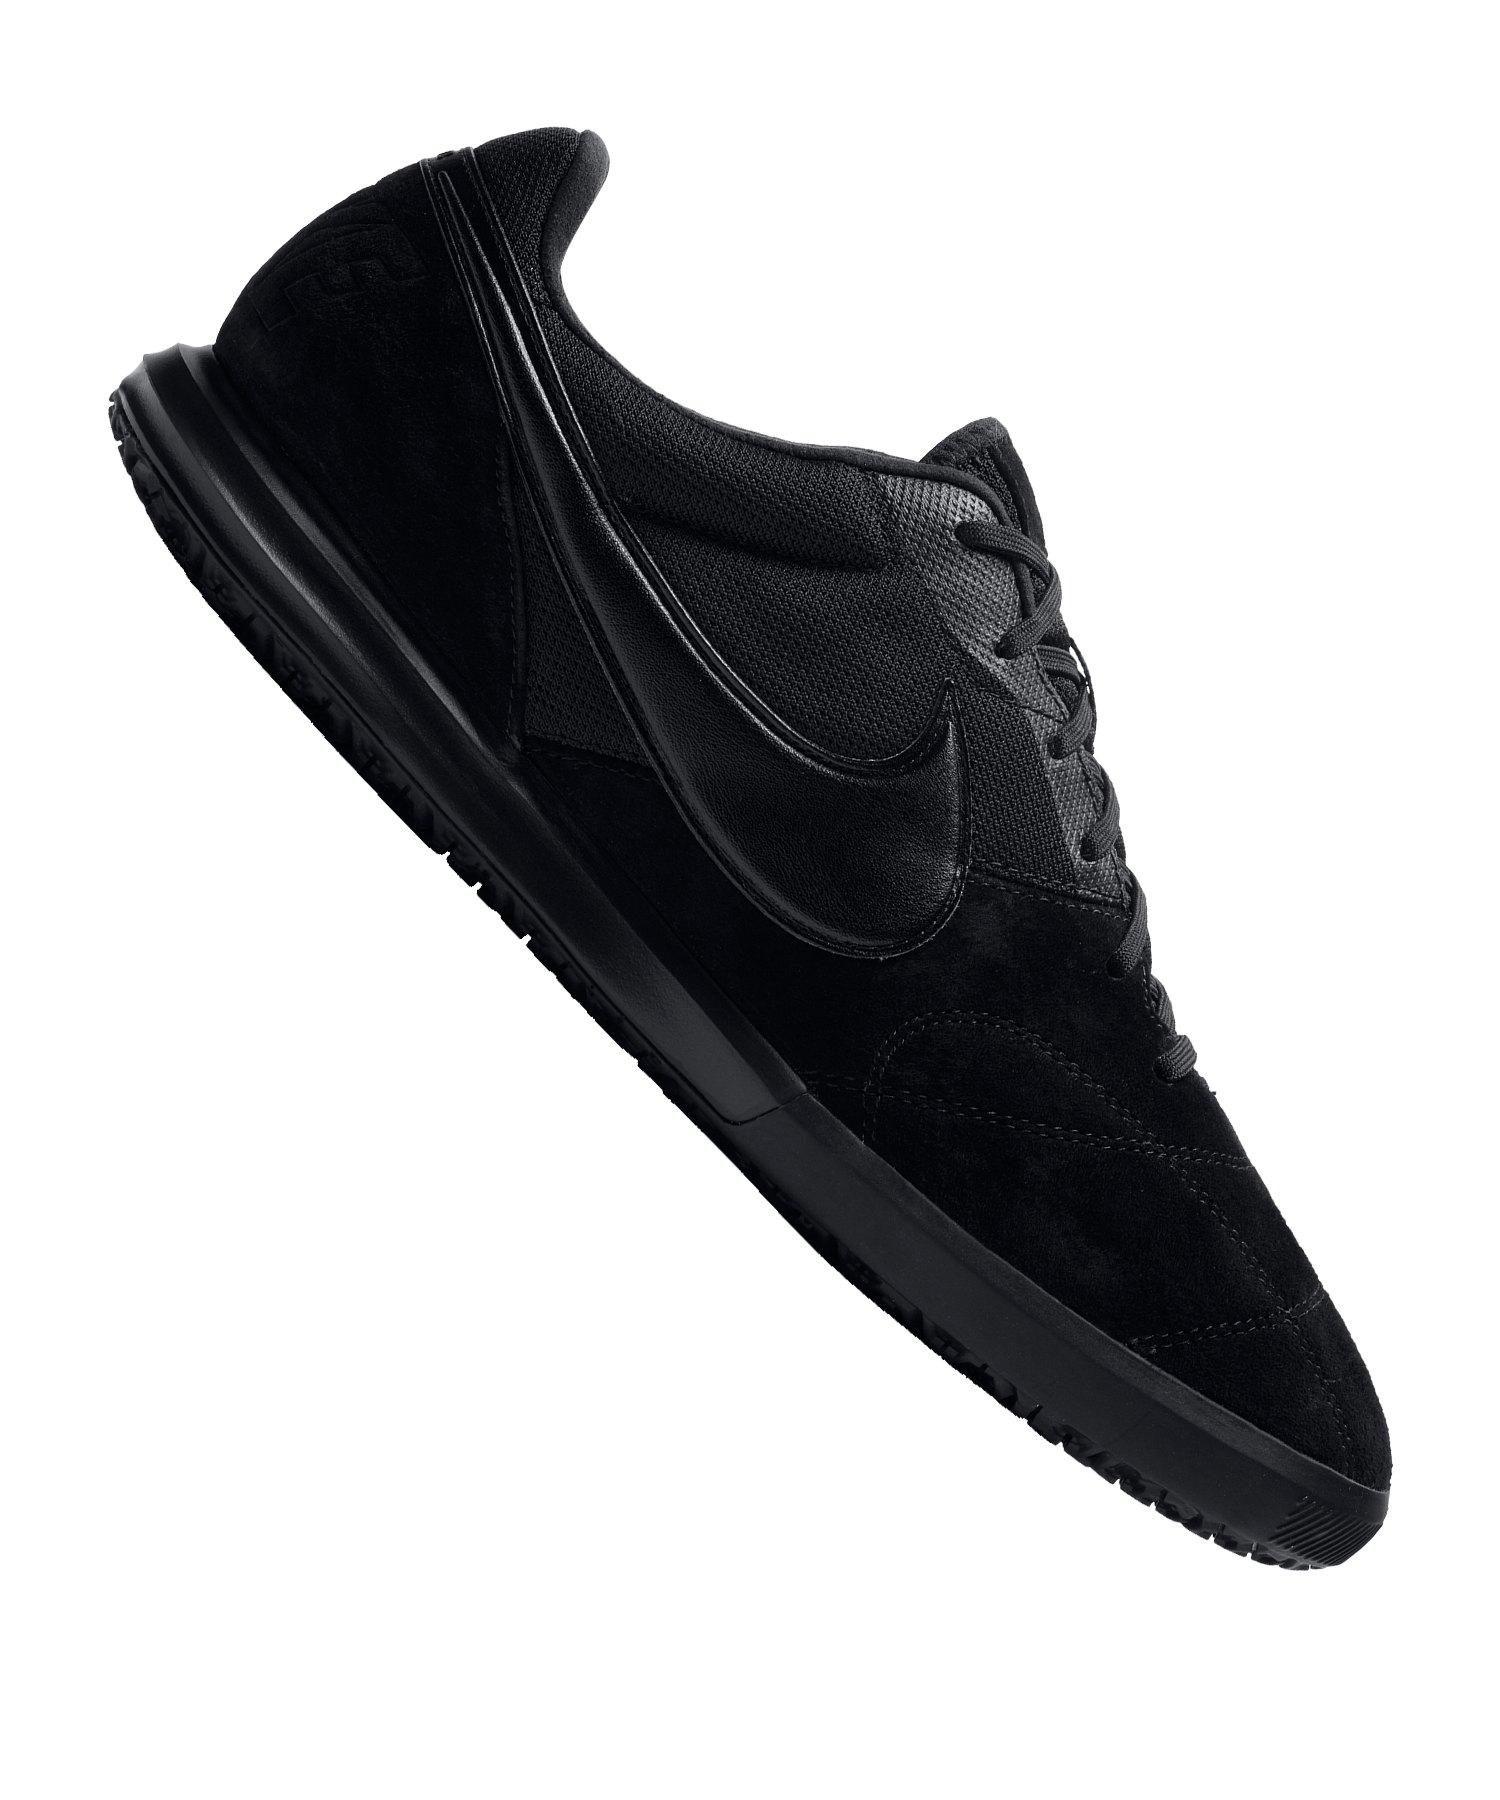 Nike Premier II Sala IC Schwarz F011 - schwarz